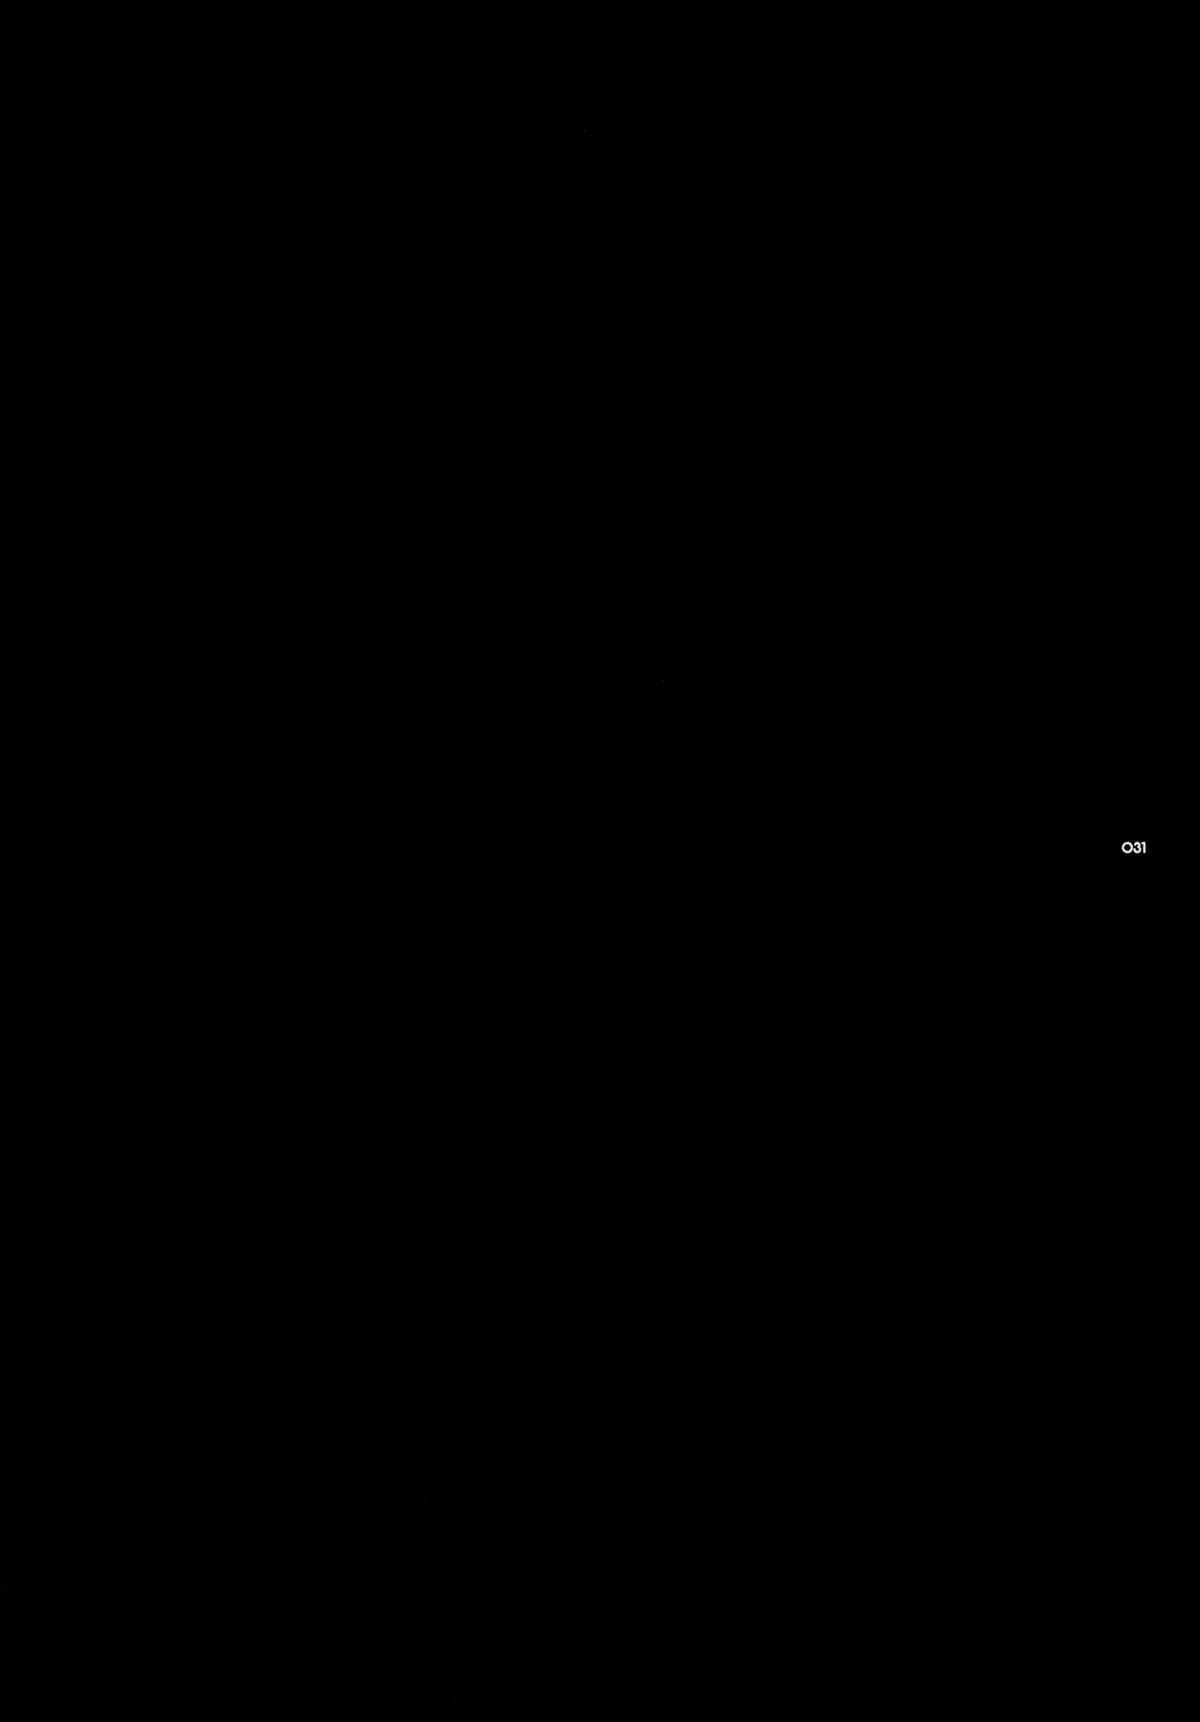 (GONEXT! 4) [Sadistic Mary (Hattori Mitsuka)] Moshimo Oji-san no Sponsor ga Kikan Gentei de Toaru Onahole Maker ni Natta to   What if the Oji-san's sponsor is an onahole maker for a certain time (TIGER & BUNNY) [English] [desudesu] 29